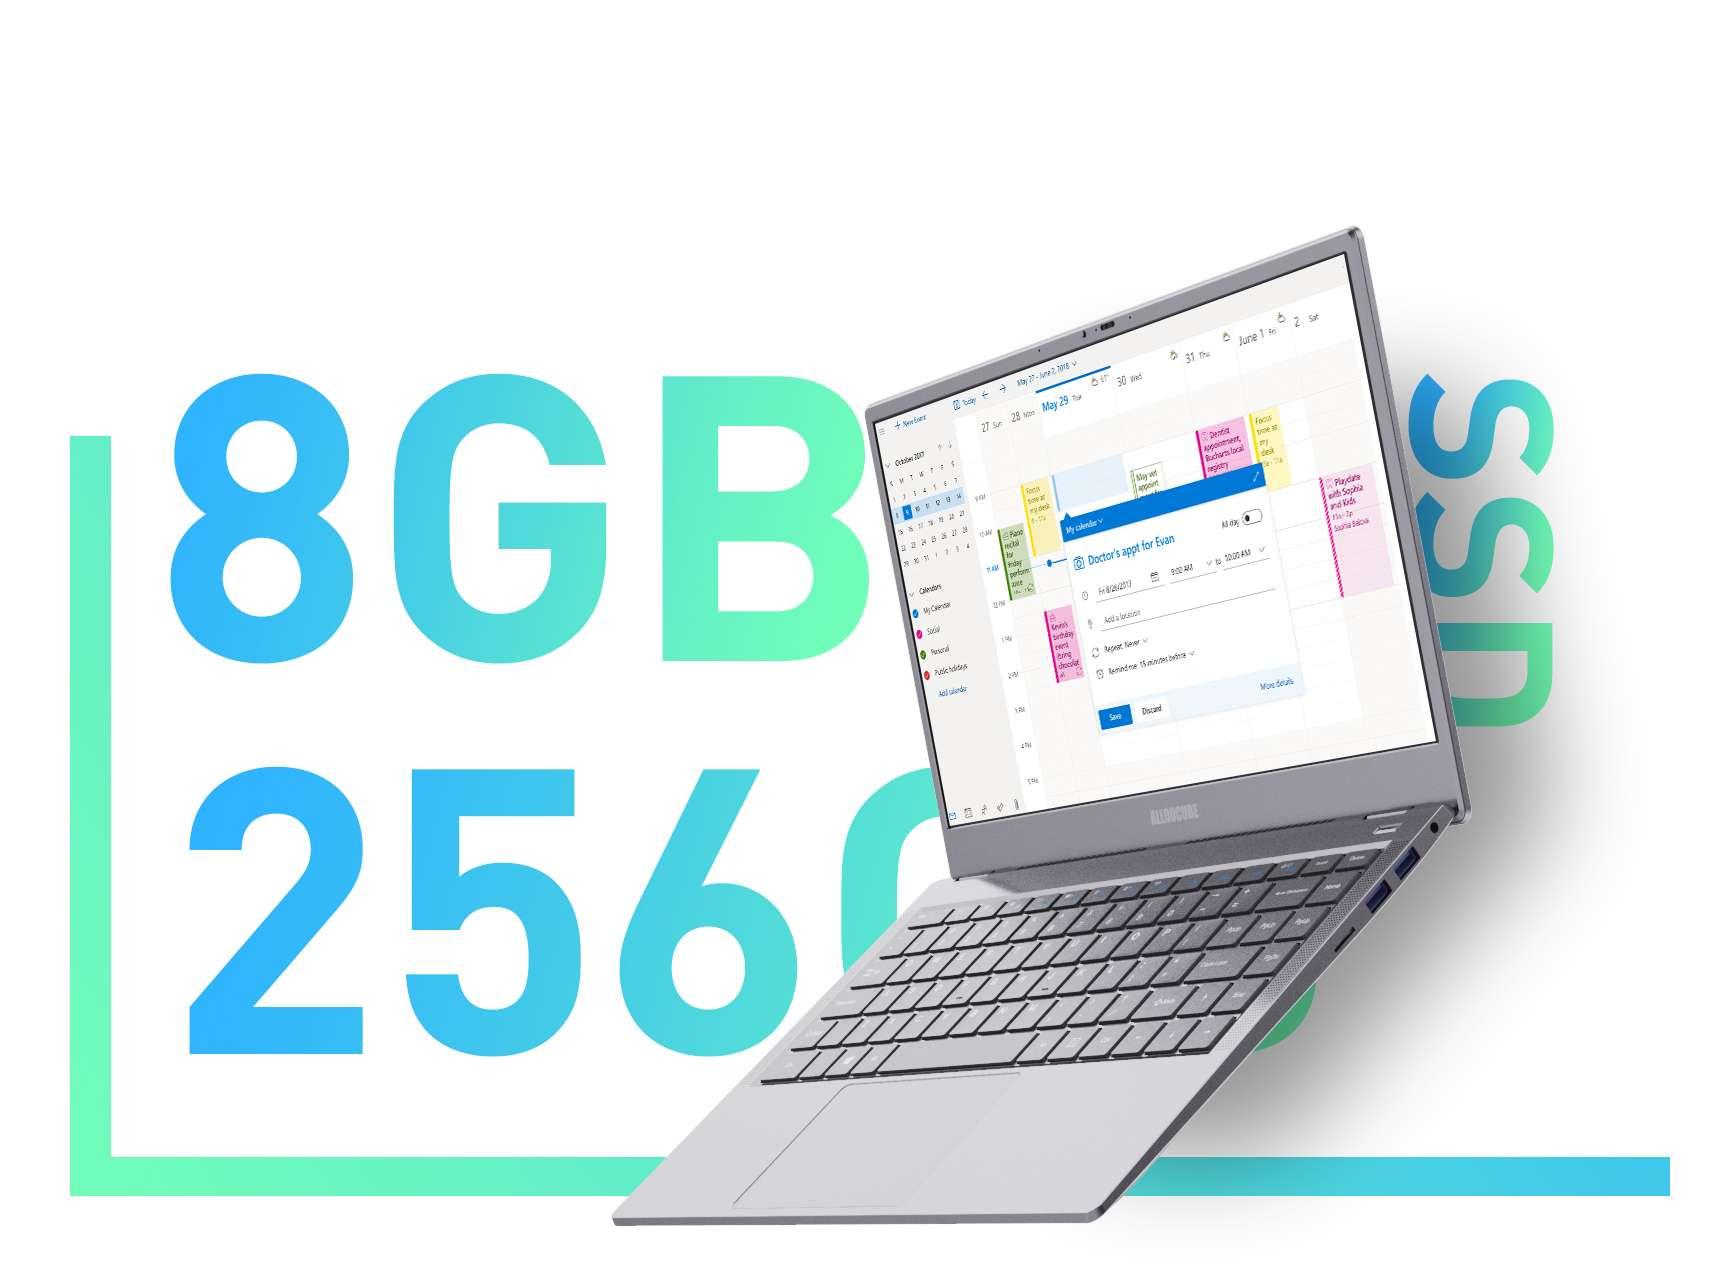 i7Book-1920px-1_09